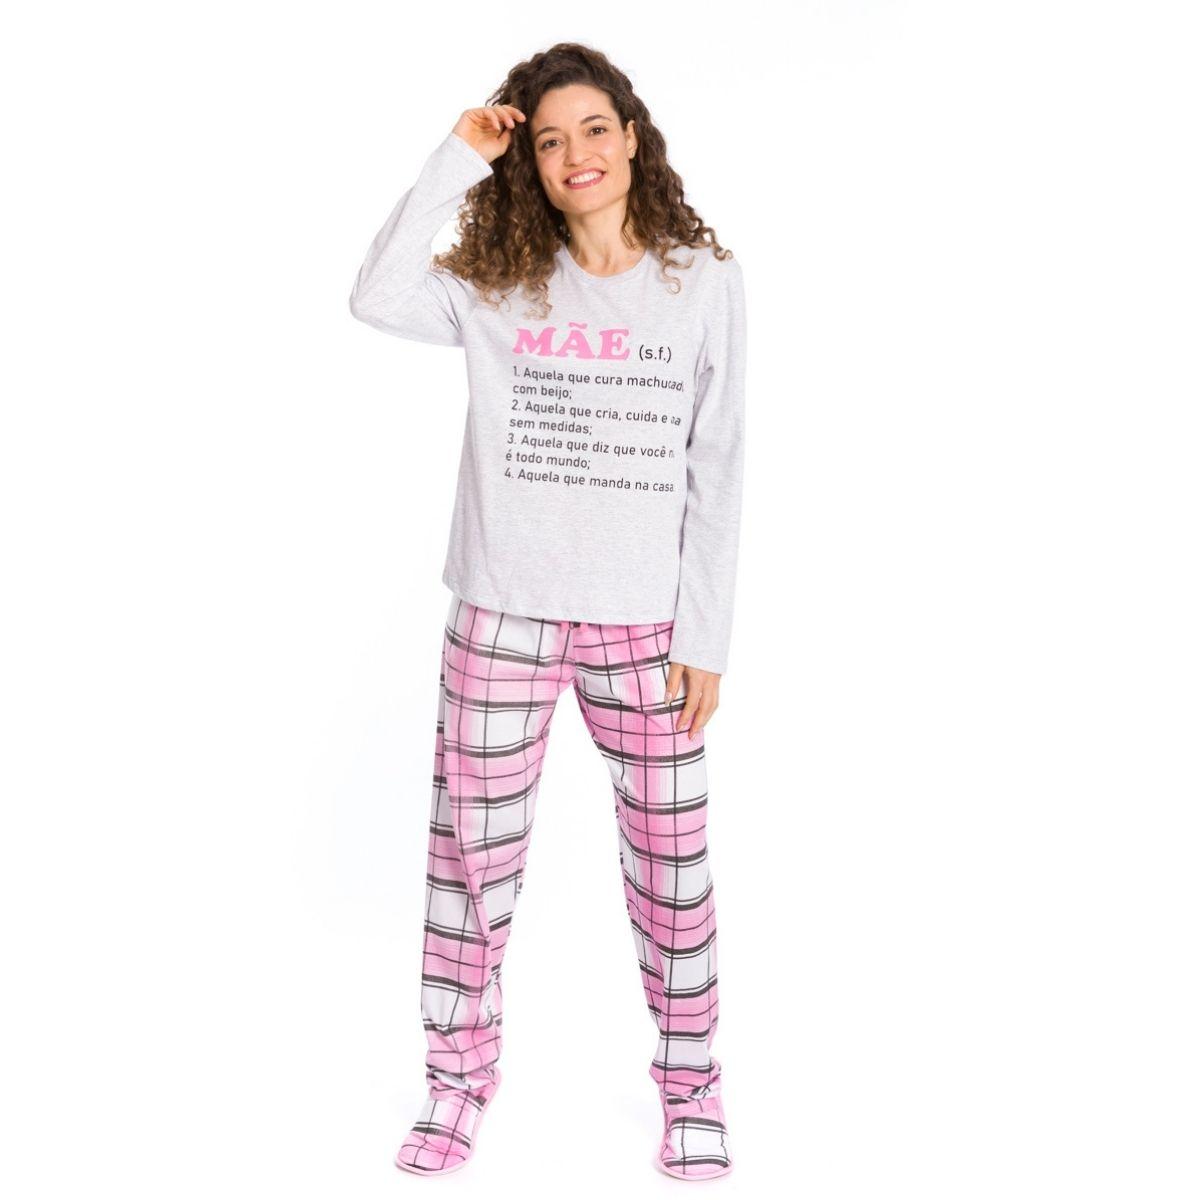 Pijama feminino xadrez mãe algodão